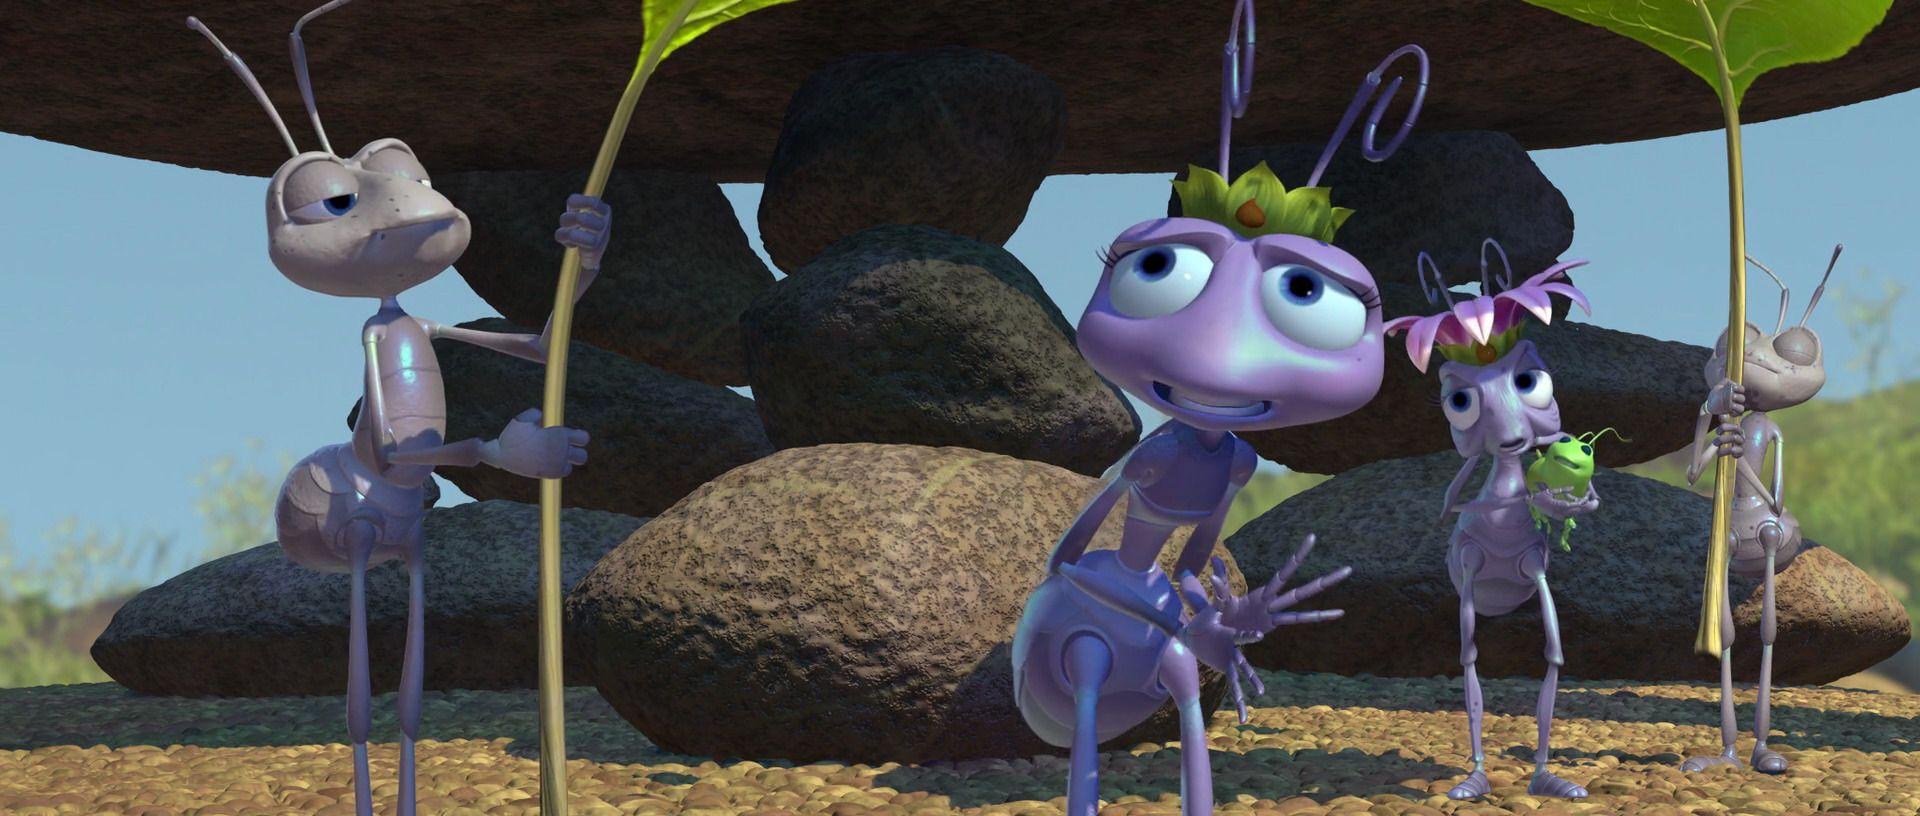 A Bug S Life 1998 Disney Screencaps A Bug S Life Disney Bugs